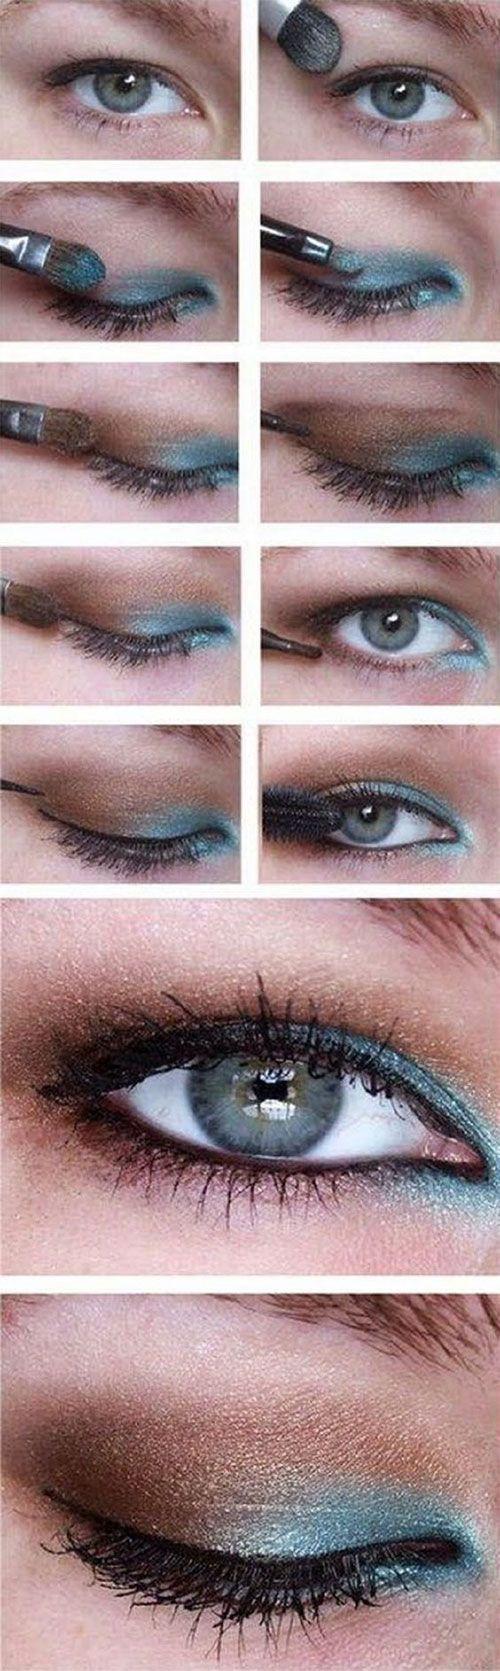 makeup-for-hooded-eyes-eyeshadow-tutorial